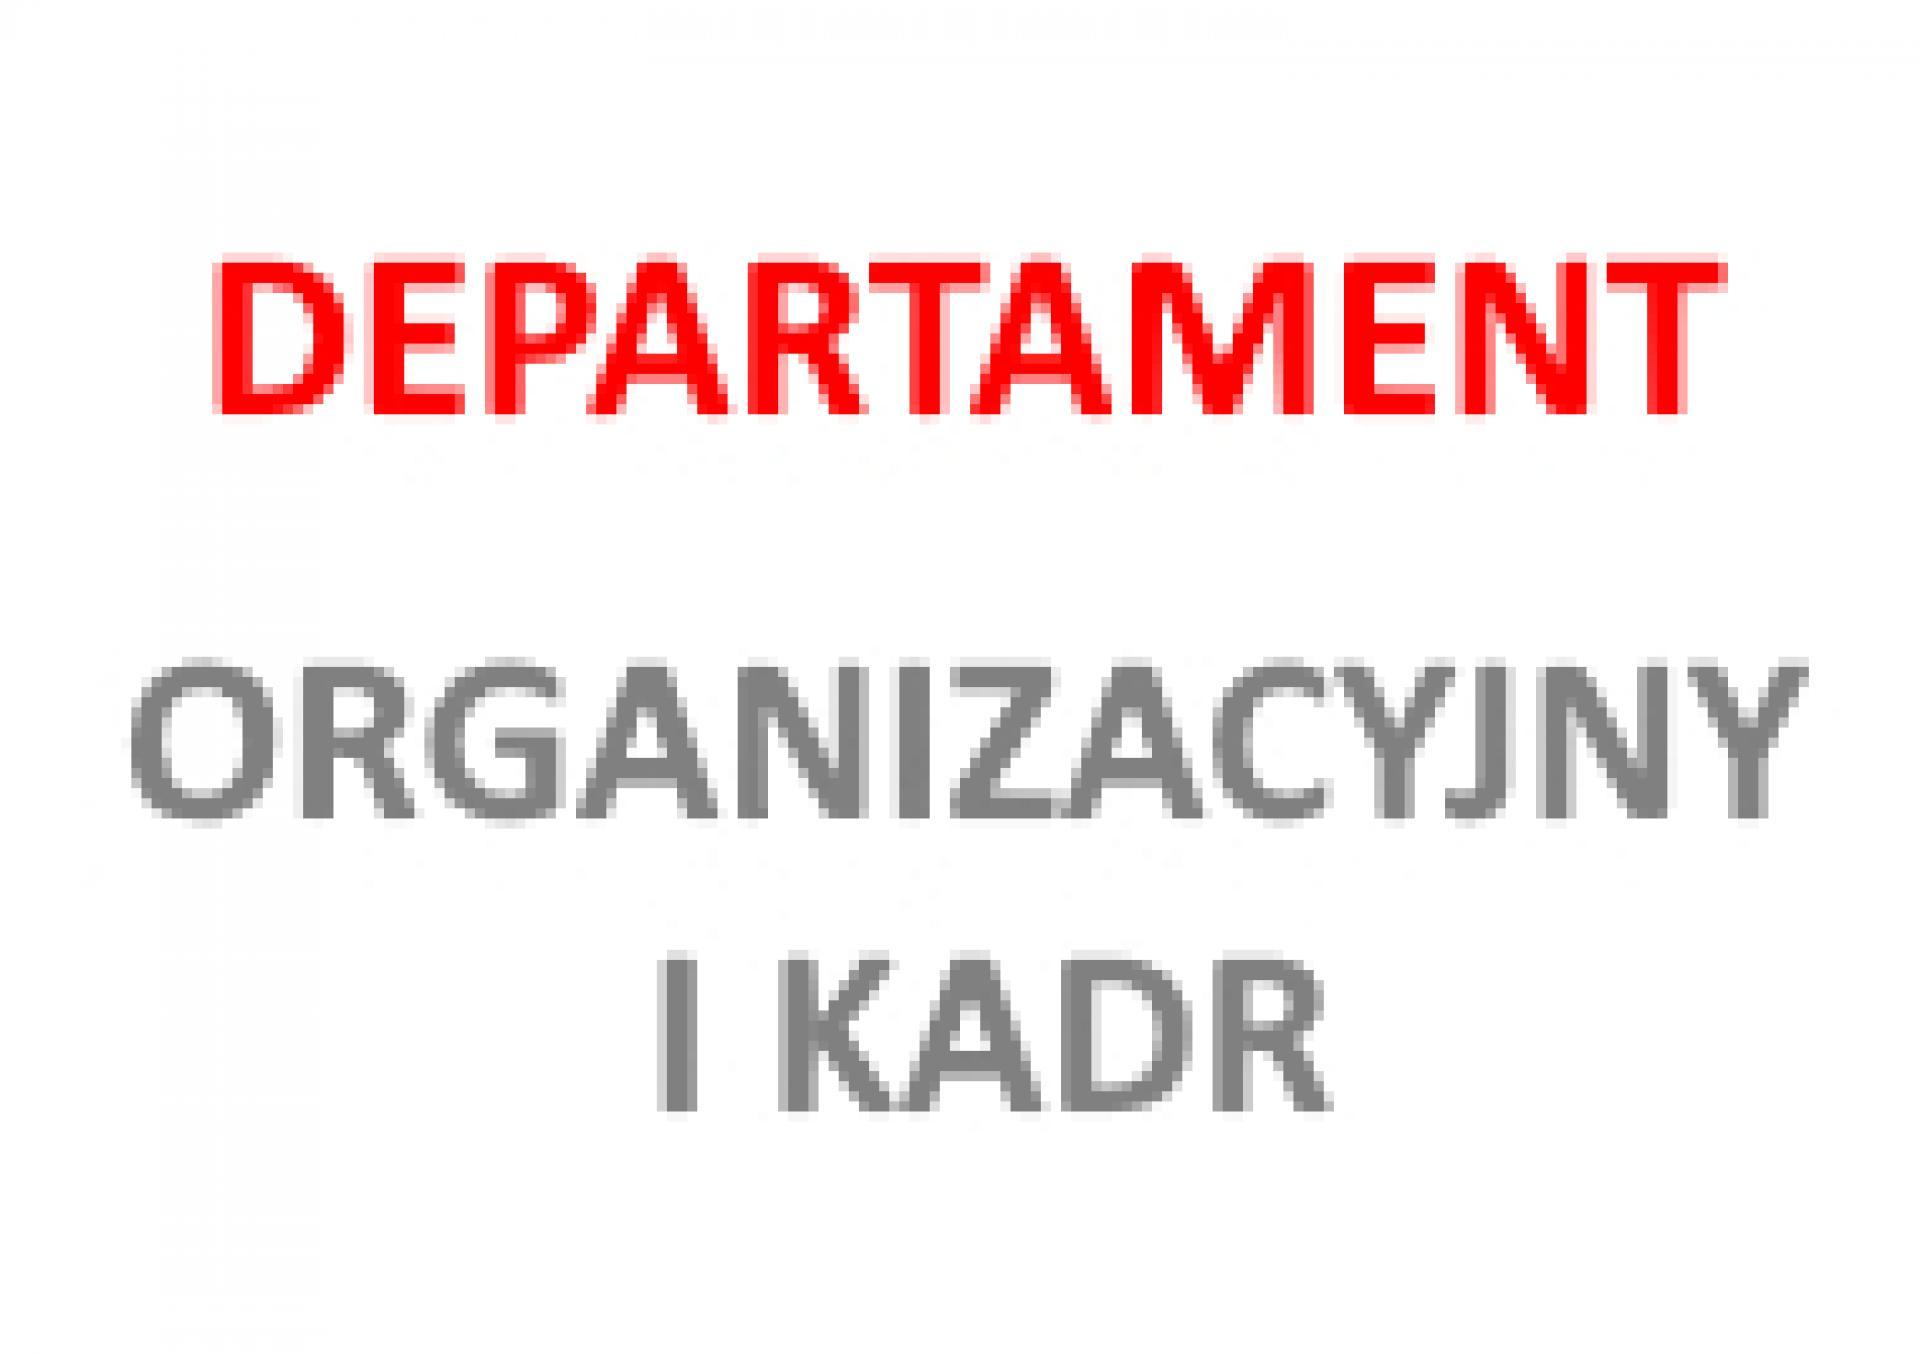 Konsultacje projektu Programu współpracy Samorządu Województwa Wielkopolskiego z organizacjami pozarządowymi oraz innymi podmiotami prowadzącymi działalność pożytku publicznego na rok 2022 - zobacz więcej